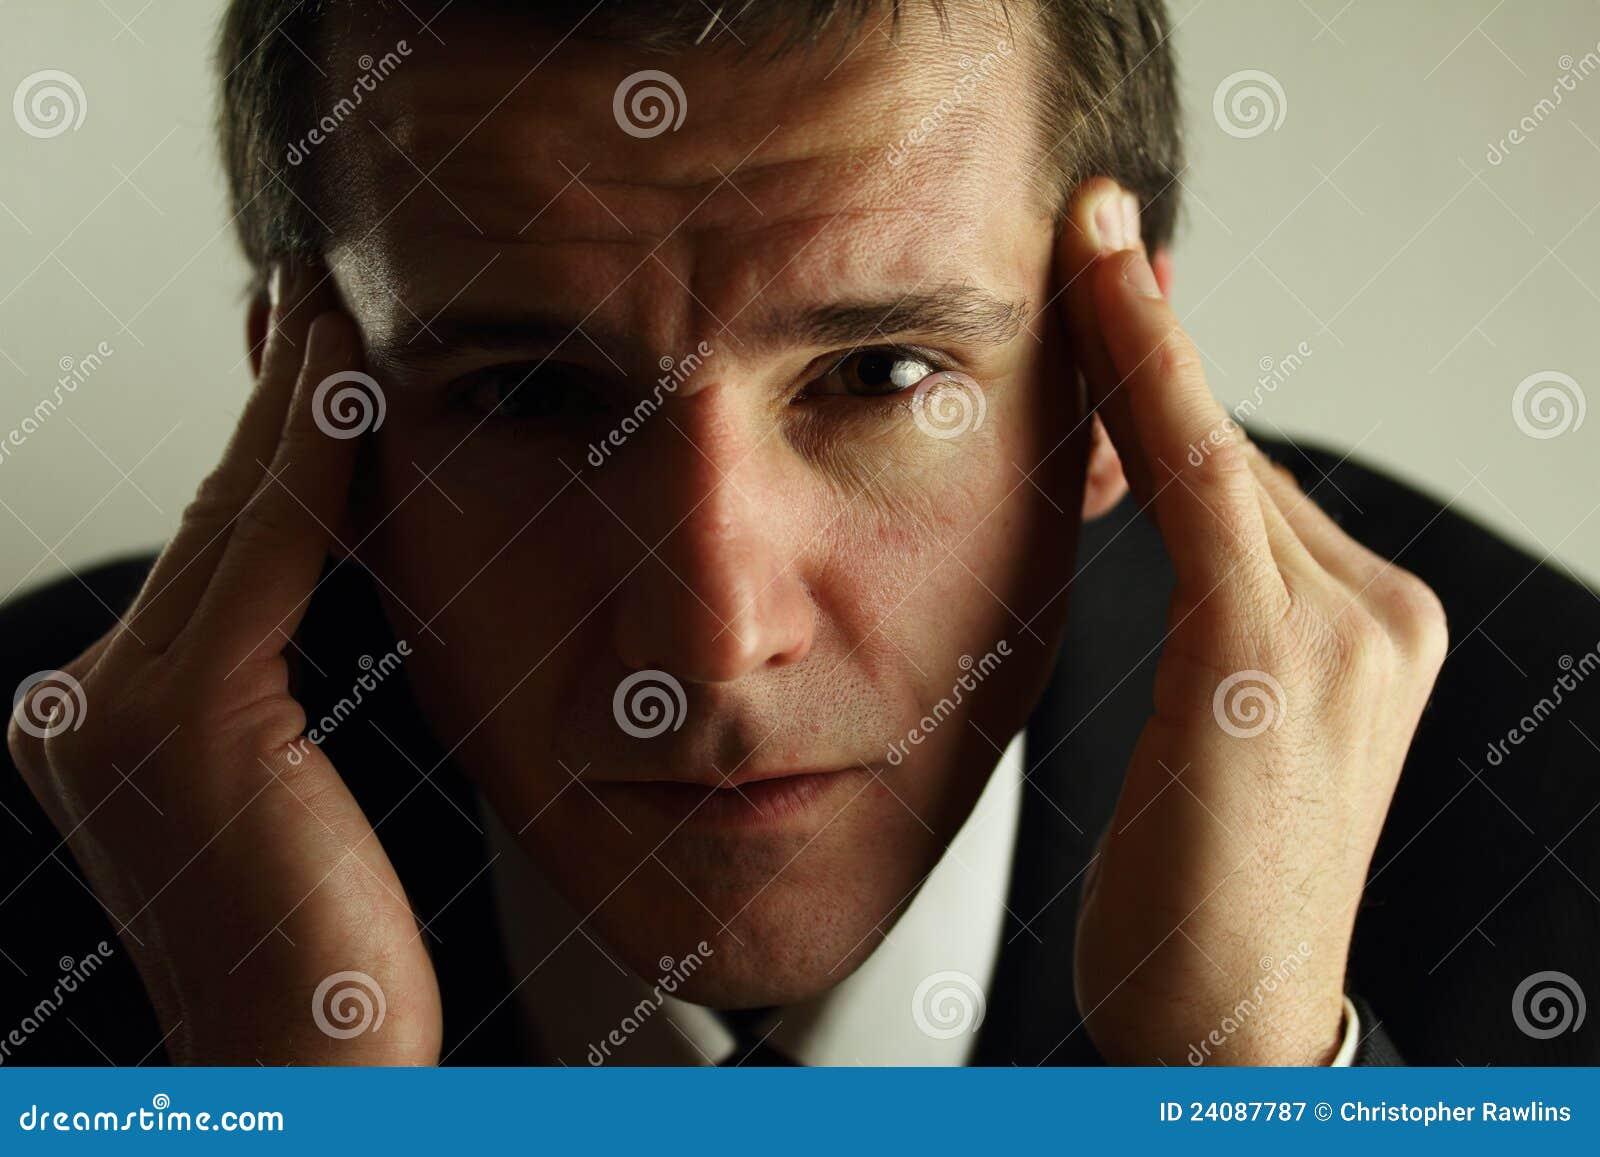 Headache from Work